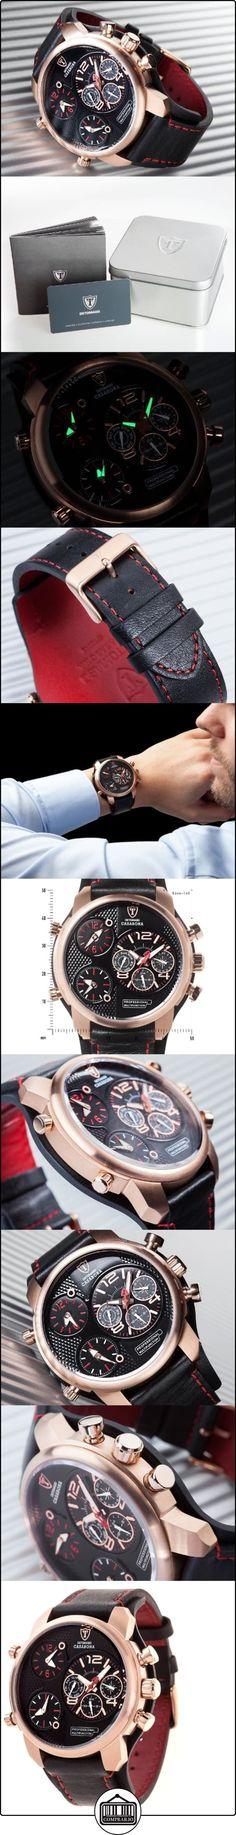 DeTomaso Casabona XXL - Reloj de cuarzo para hombres, con correa de cuero de color negro, esfera negro y dorado  ✿ Relojes para hombre - (Gama media/alta) ✿